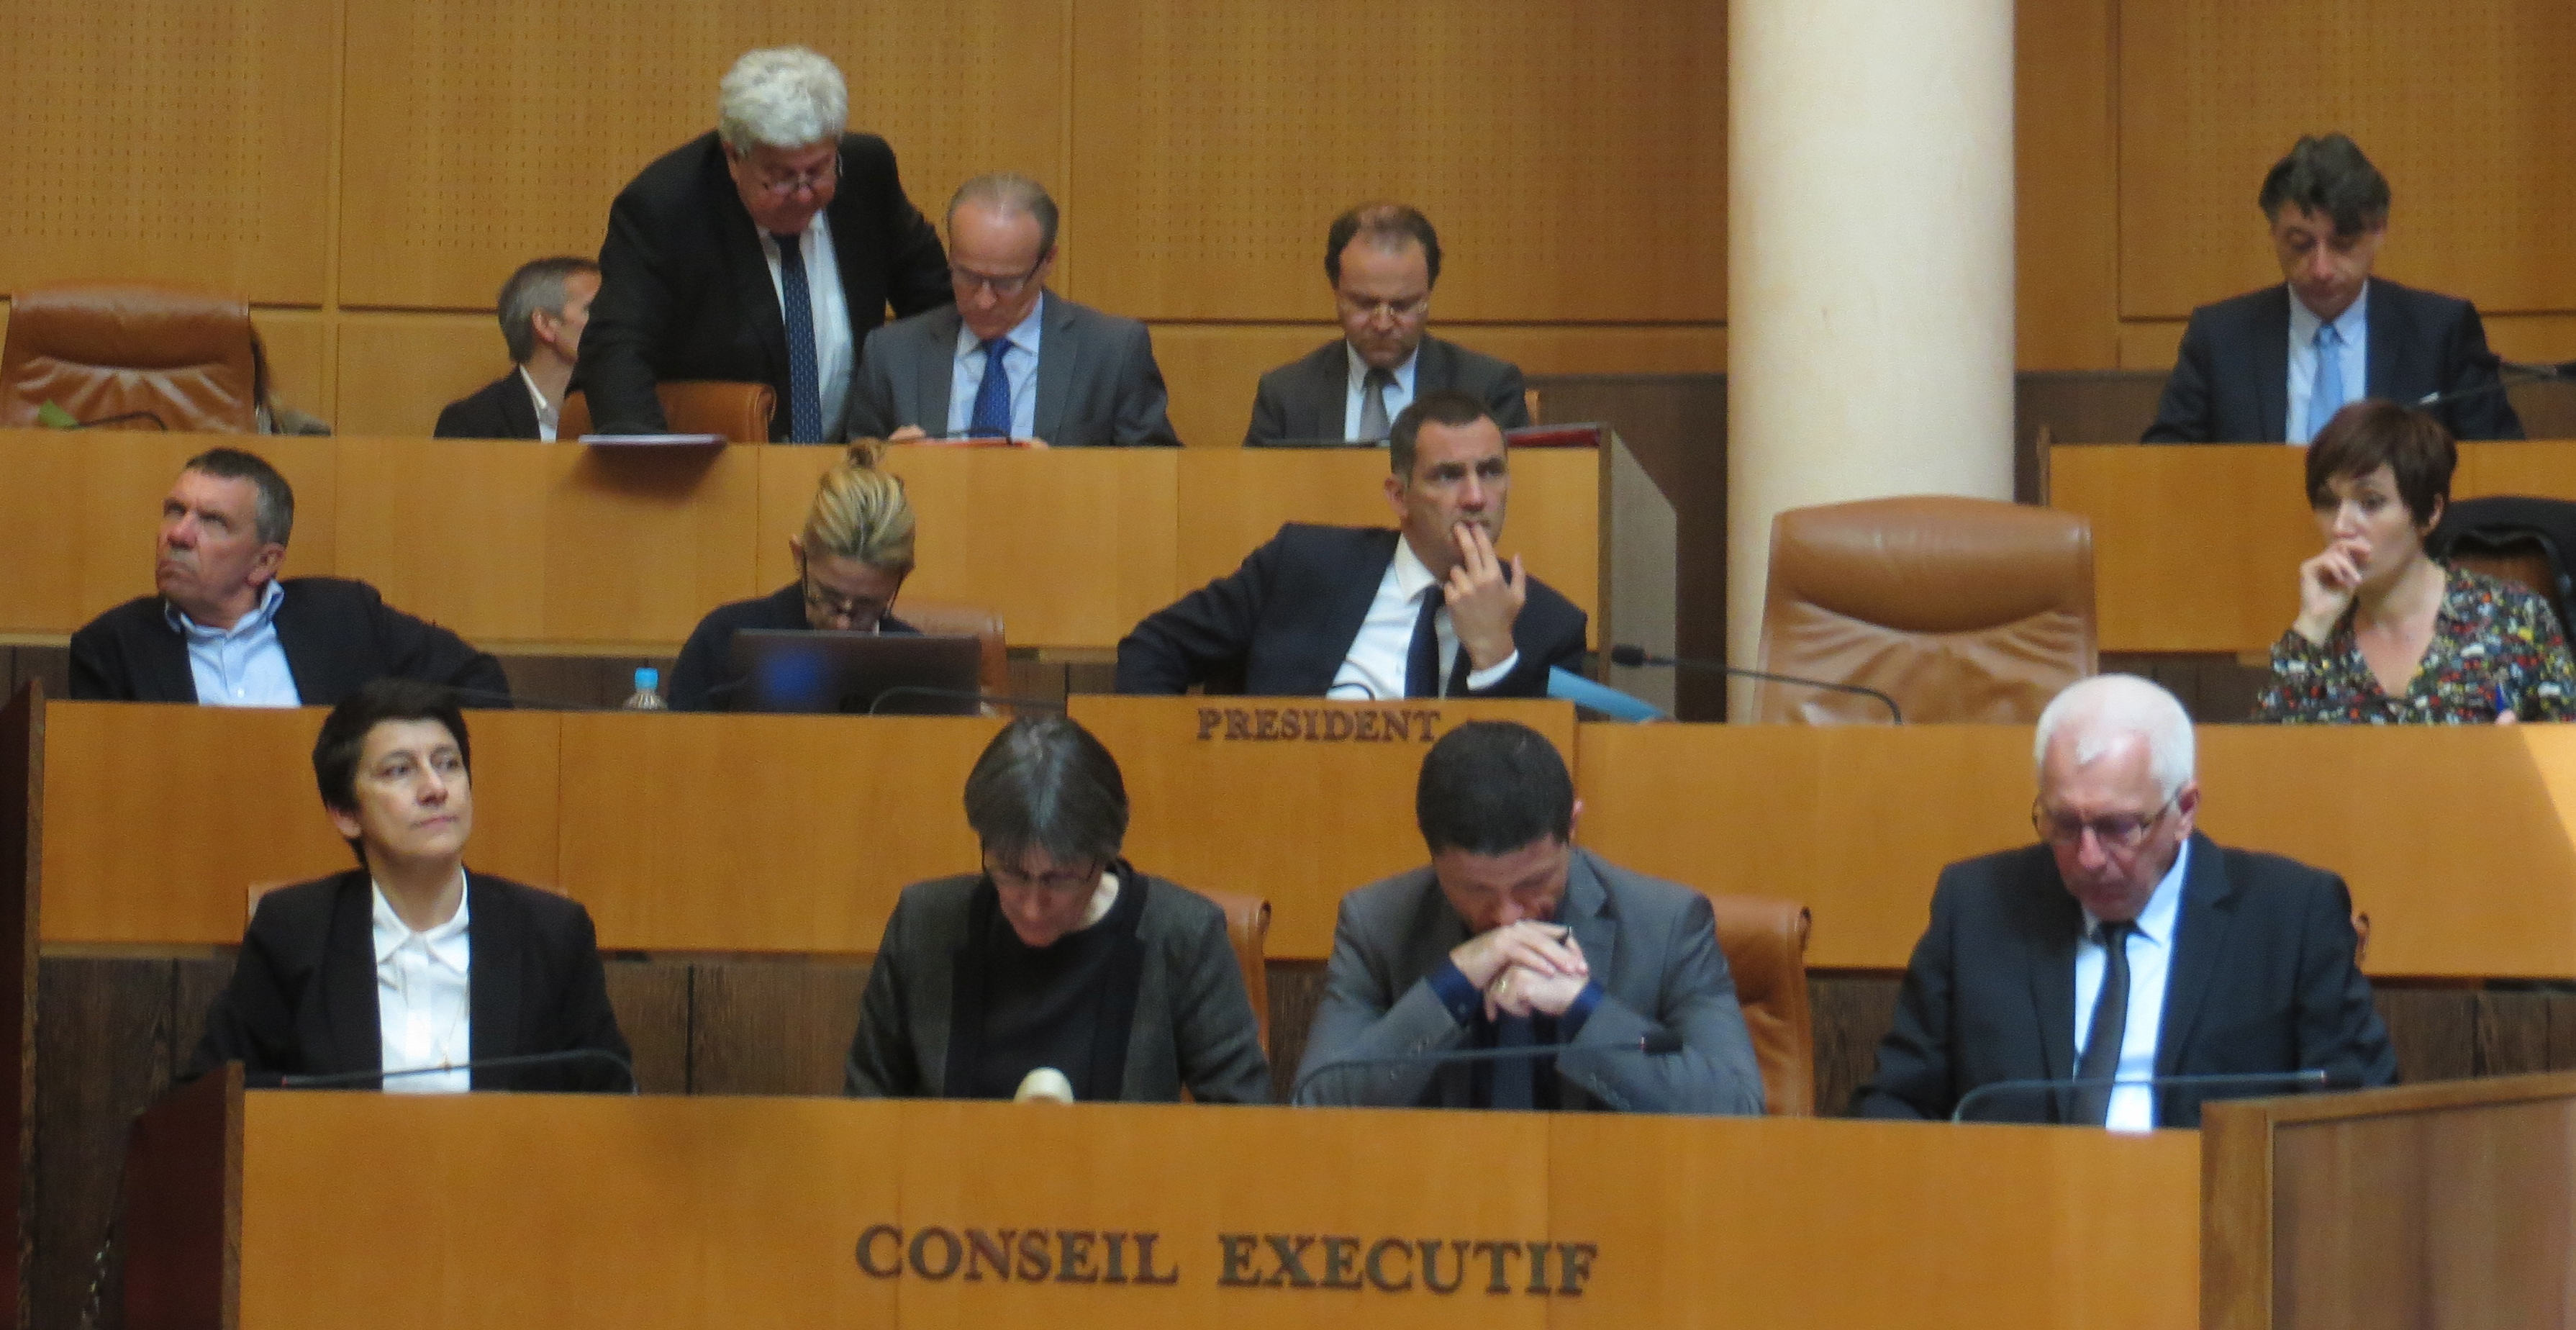 CTC : Un budget sur le fil du rasoir, un bras de fer politique et un vote repoussé, faute de majorité